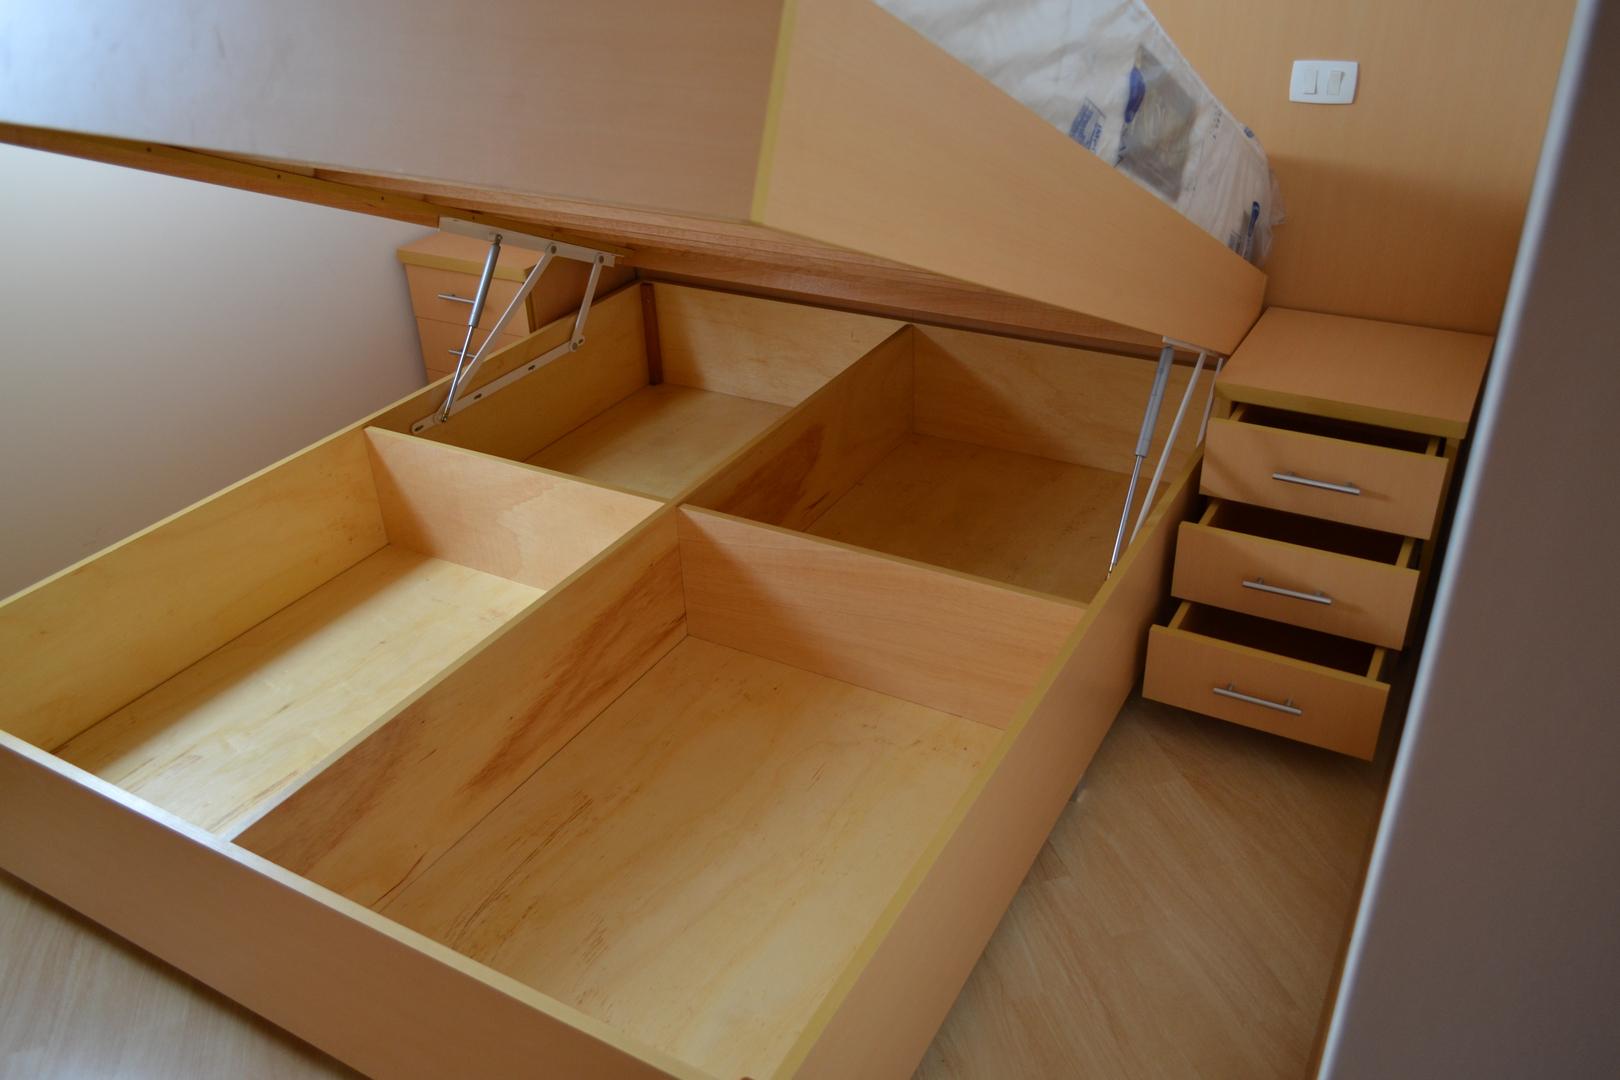 montagem de cama